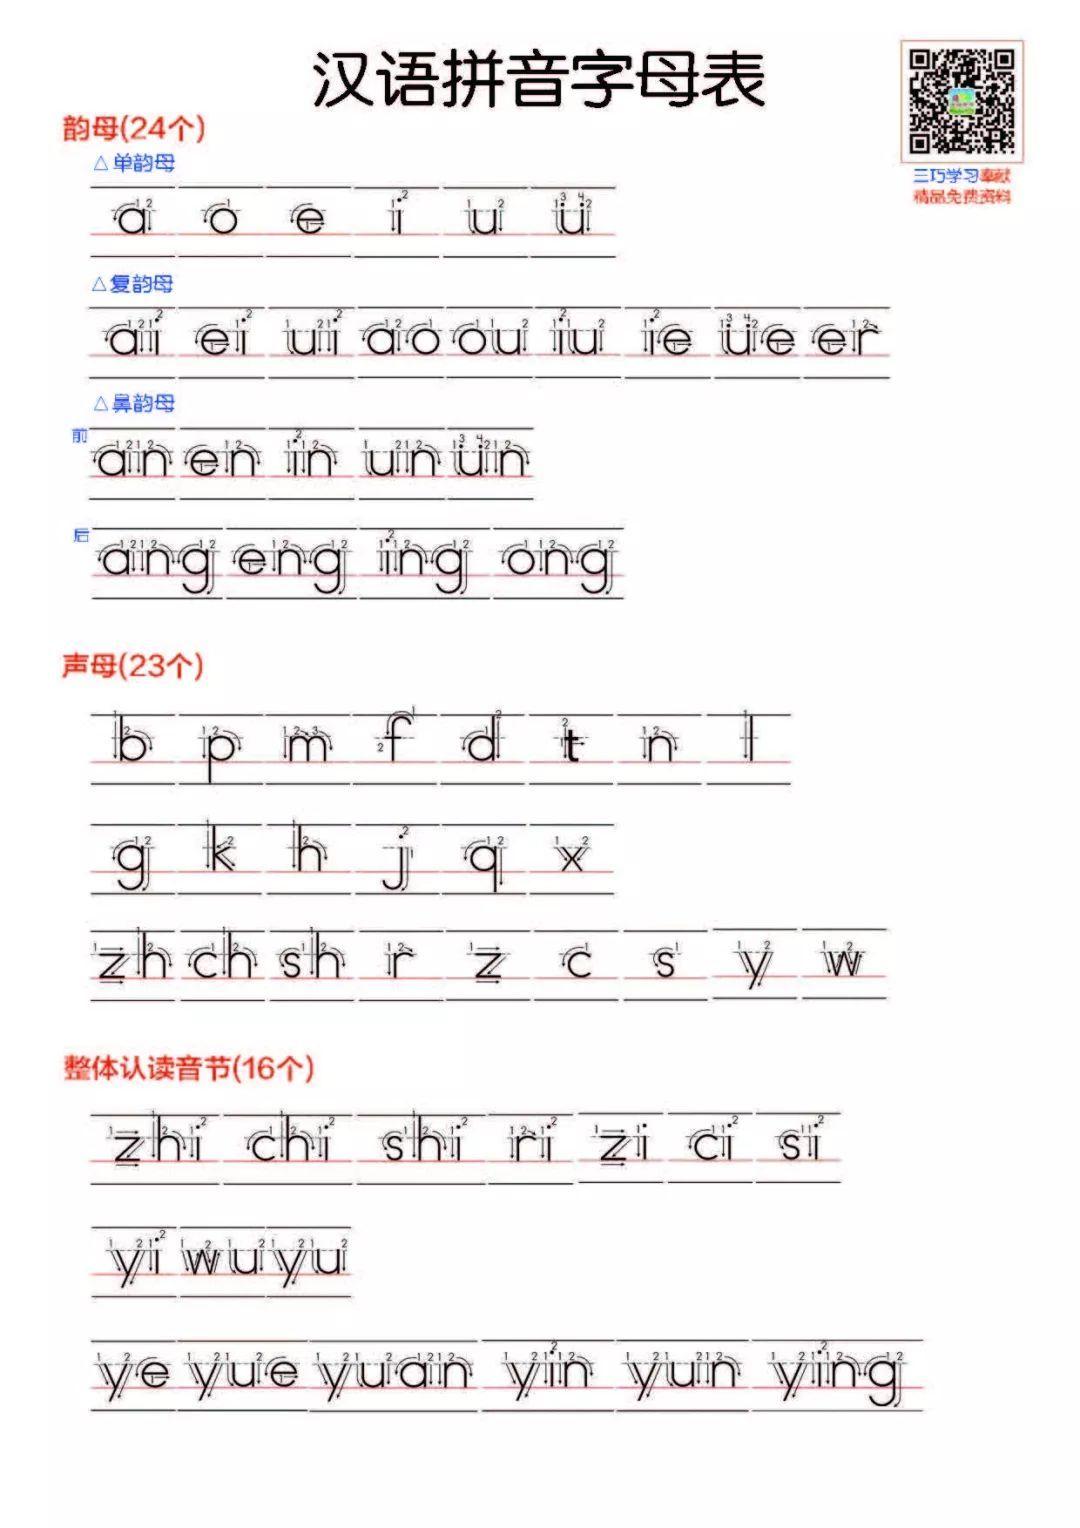 拼音书写练习本(自写板) 汉语拼音字母卡片(全套) 一年级上册拼音过关图片